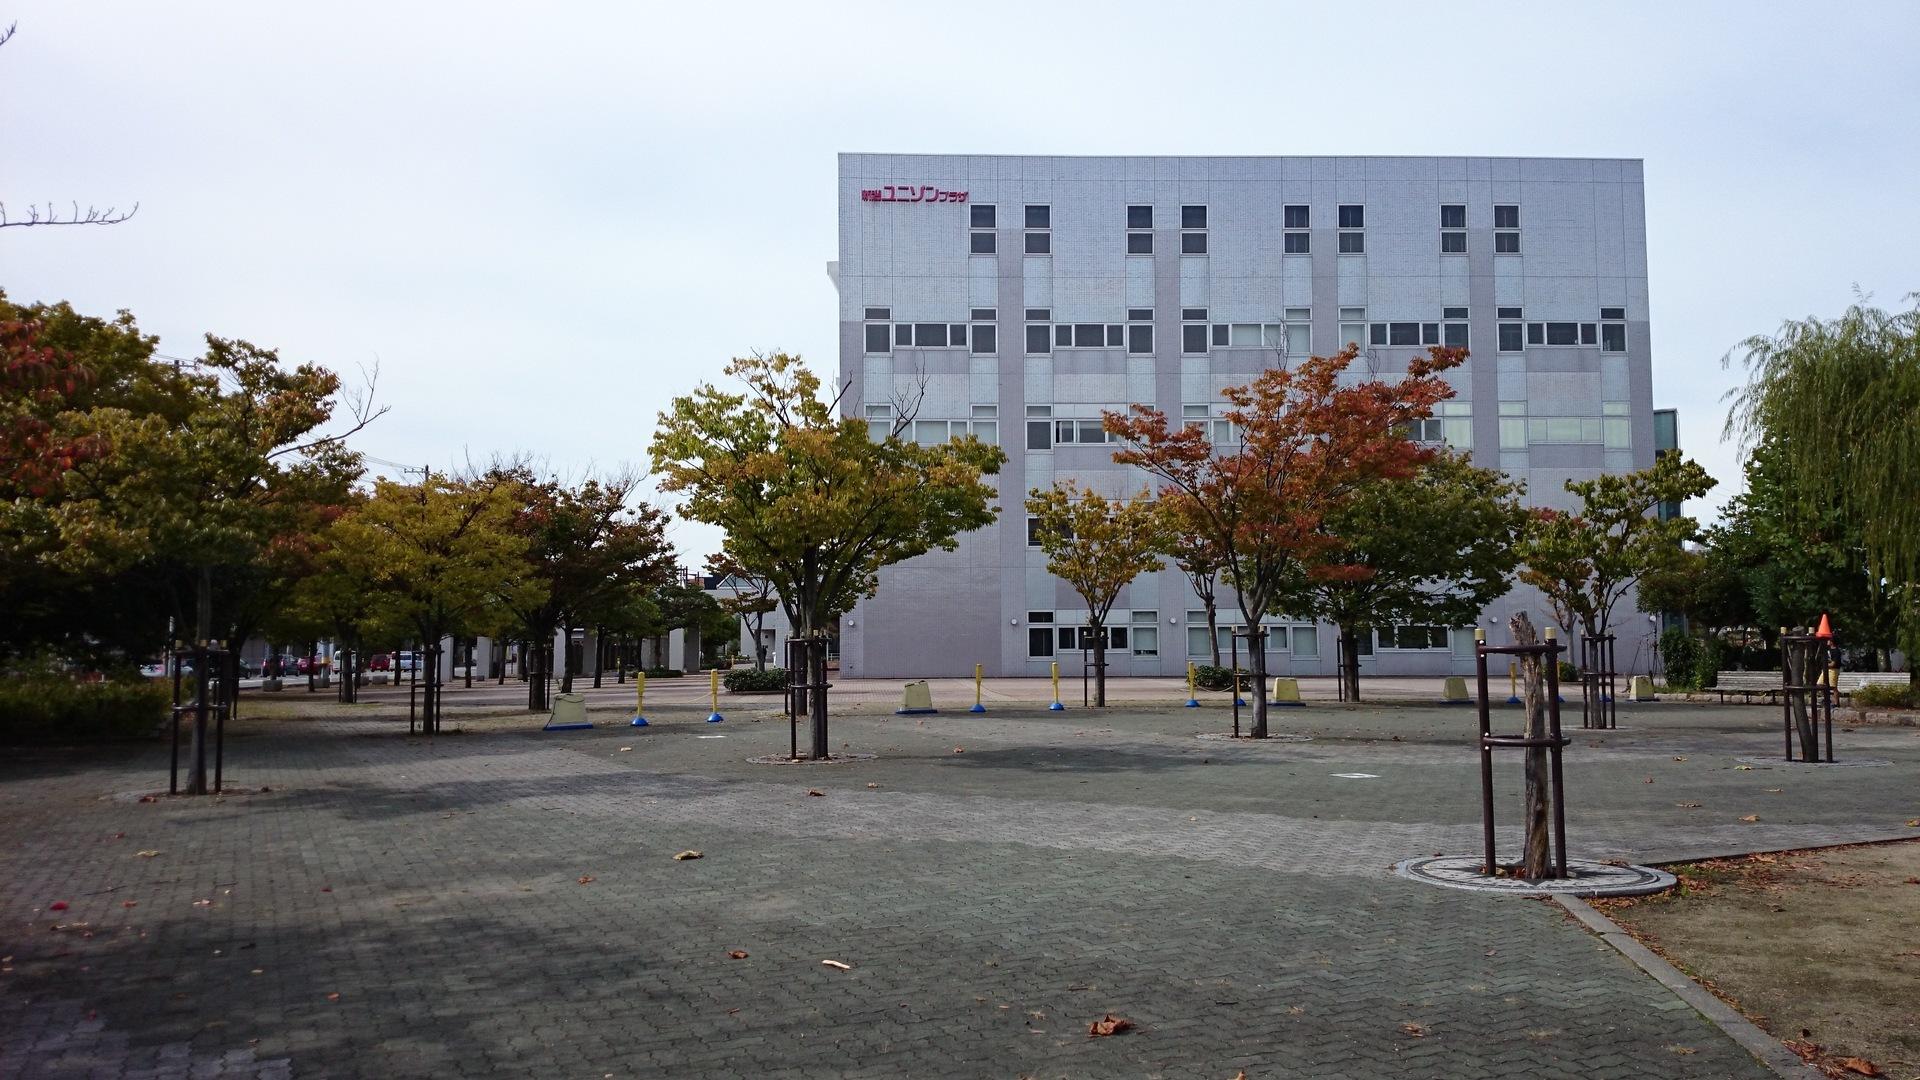 越後線見えます!上所島公園: 新潟市こども区おでかけ町~秘密の場所 ...